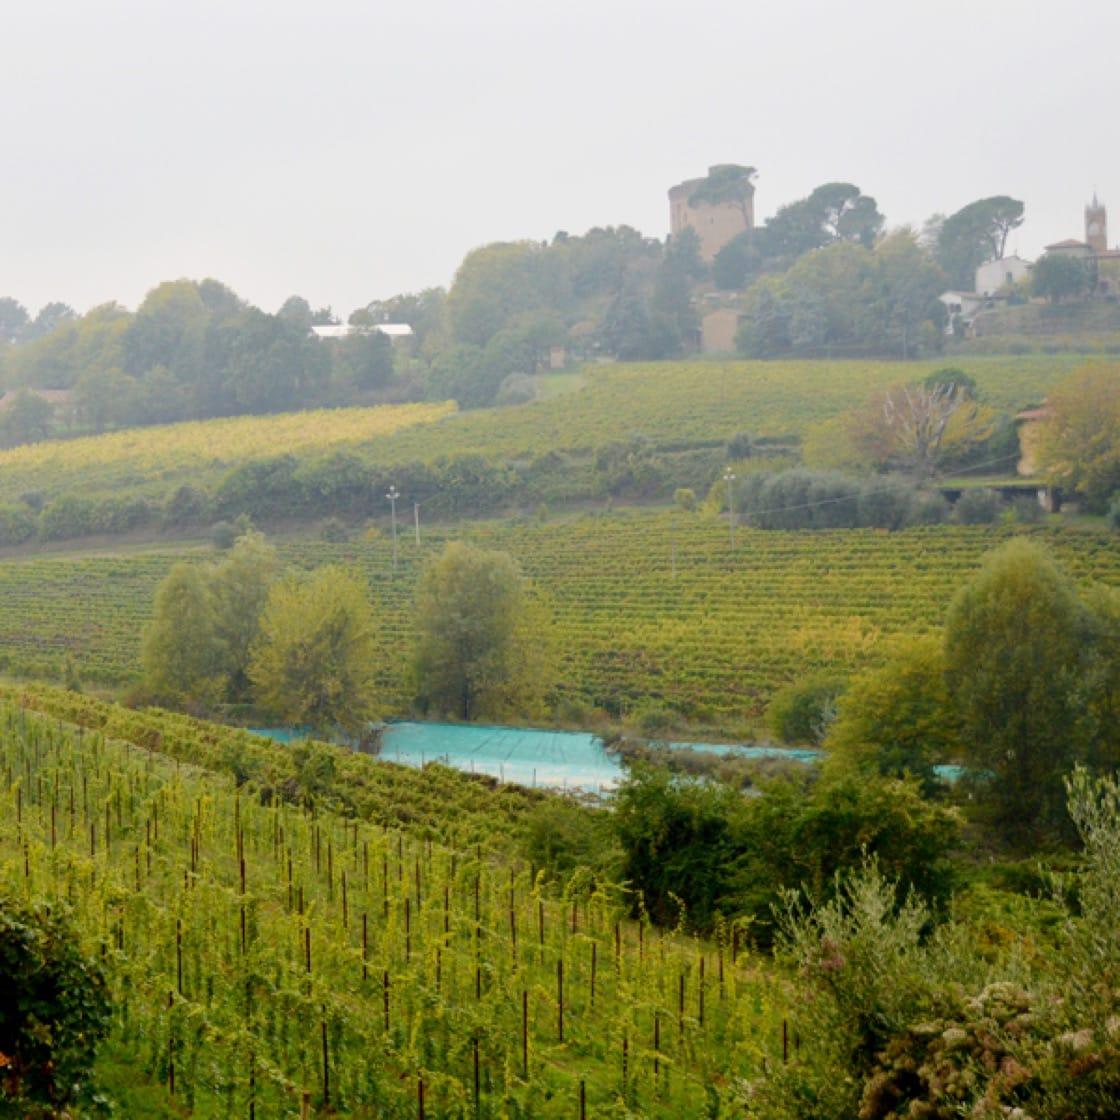 The lush verdant hills of Poderi Morini in Italy's Emilia-Romagna region.